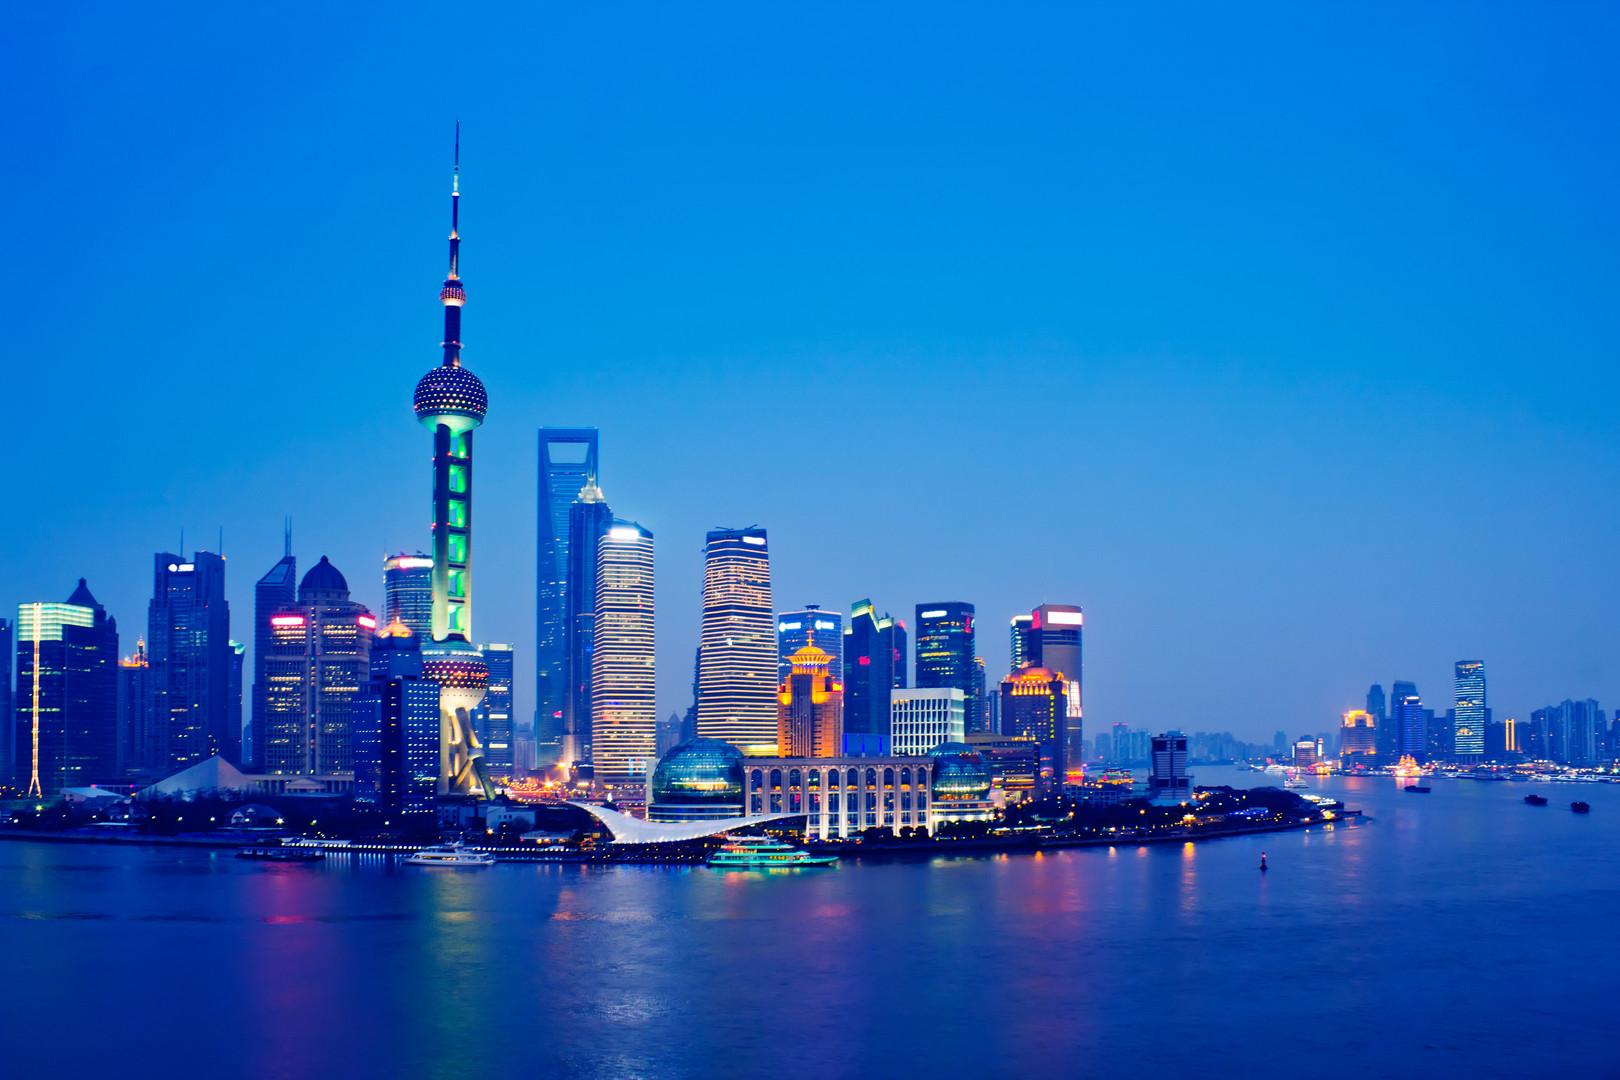 shanghai-PTKTAYL.jpg